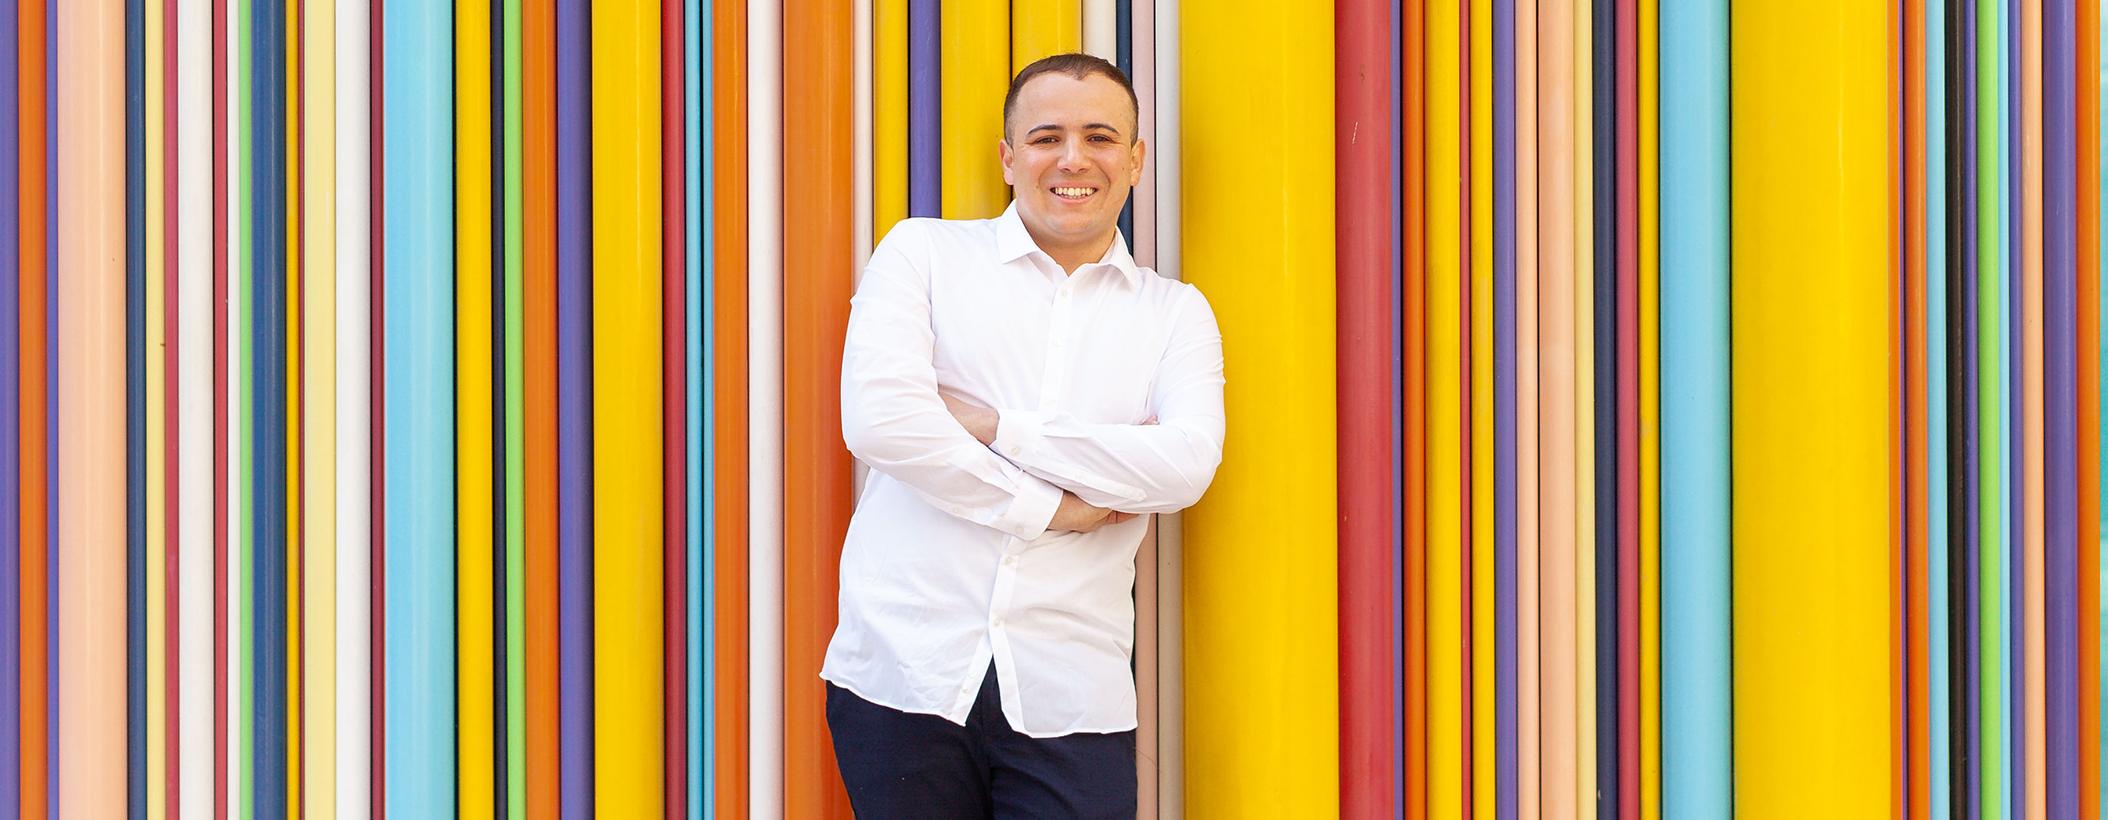 Rencontre Sider : Yanis se lance dans l'entrepreneuriat grâce à Side